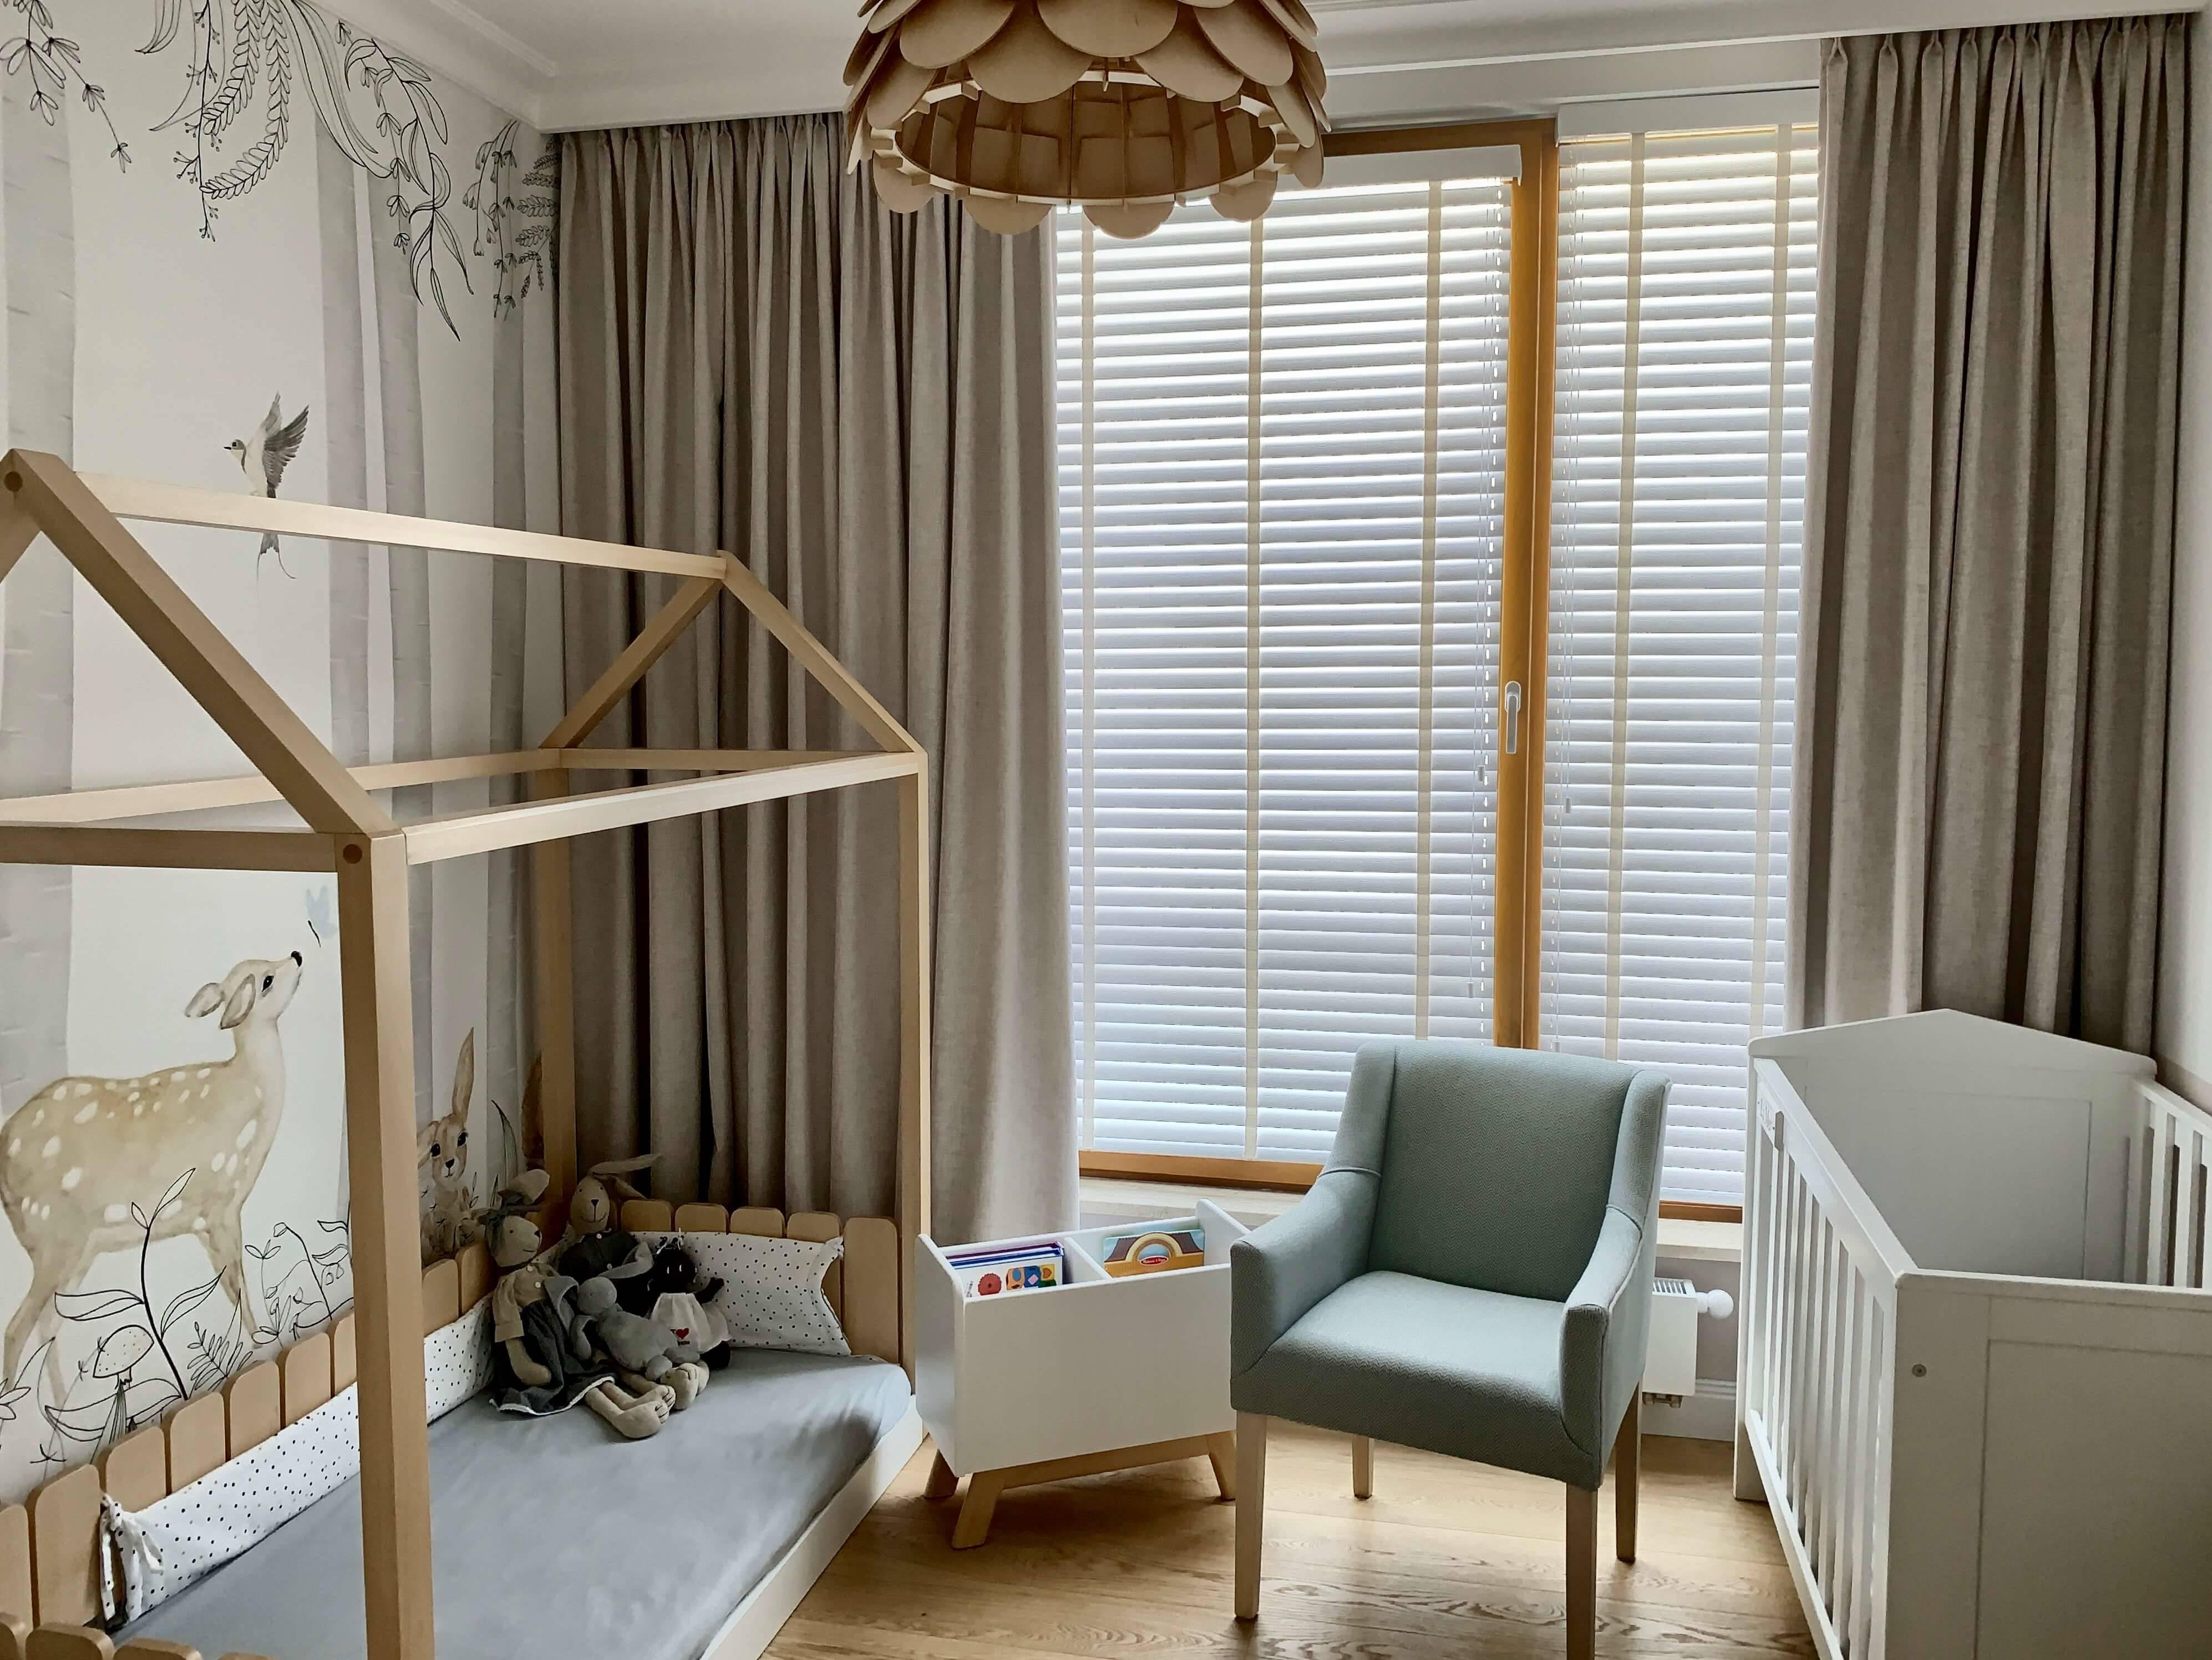 Sypialnia i pokój dziecka w stylu Hamptons